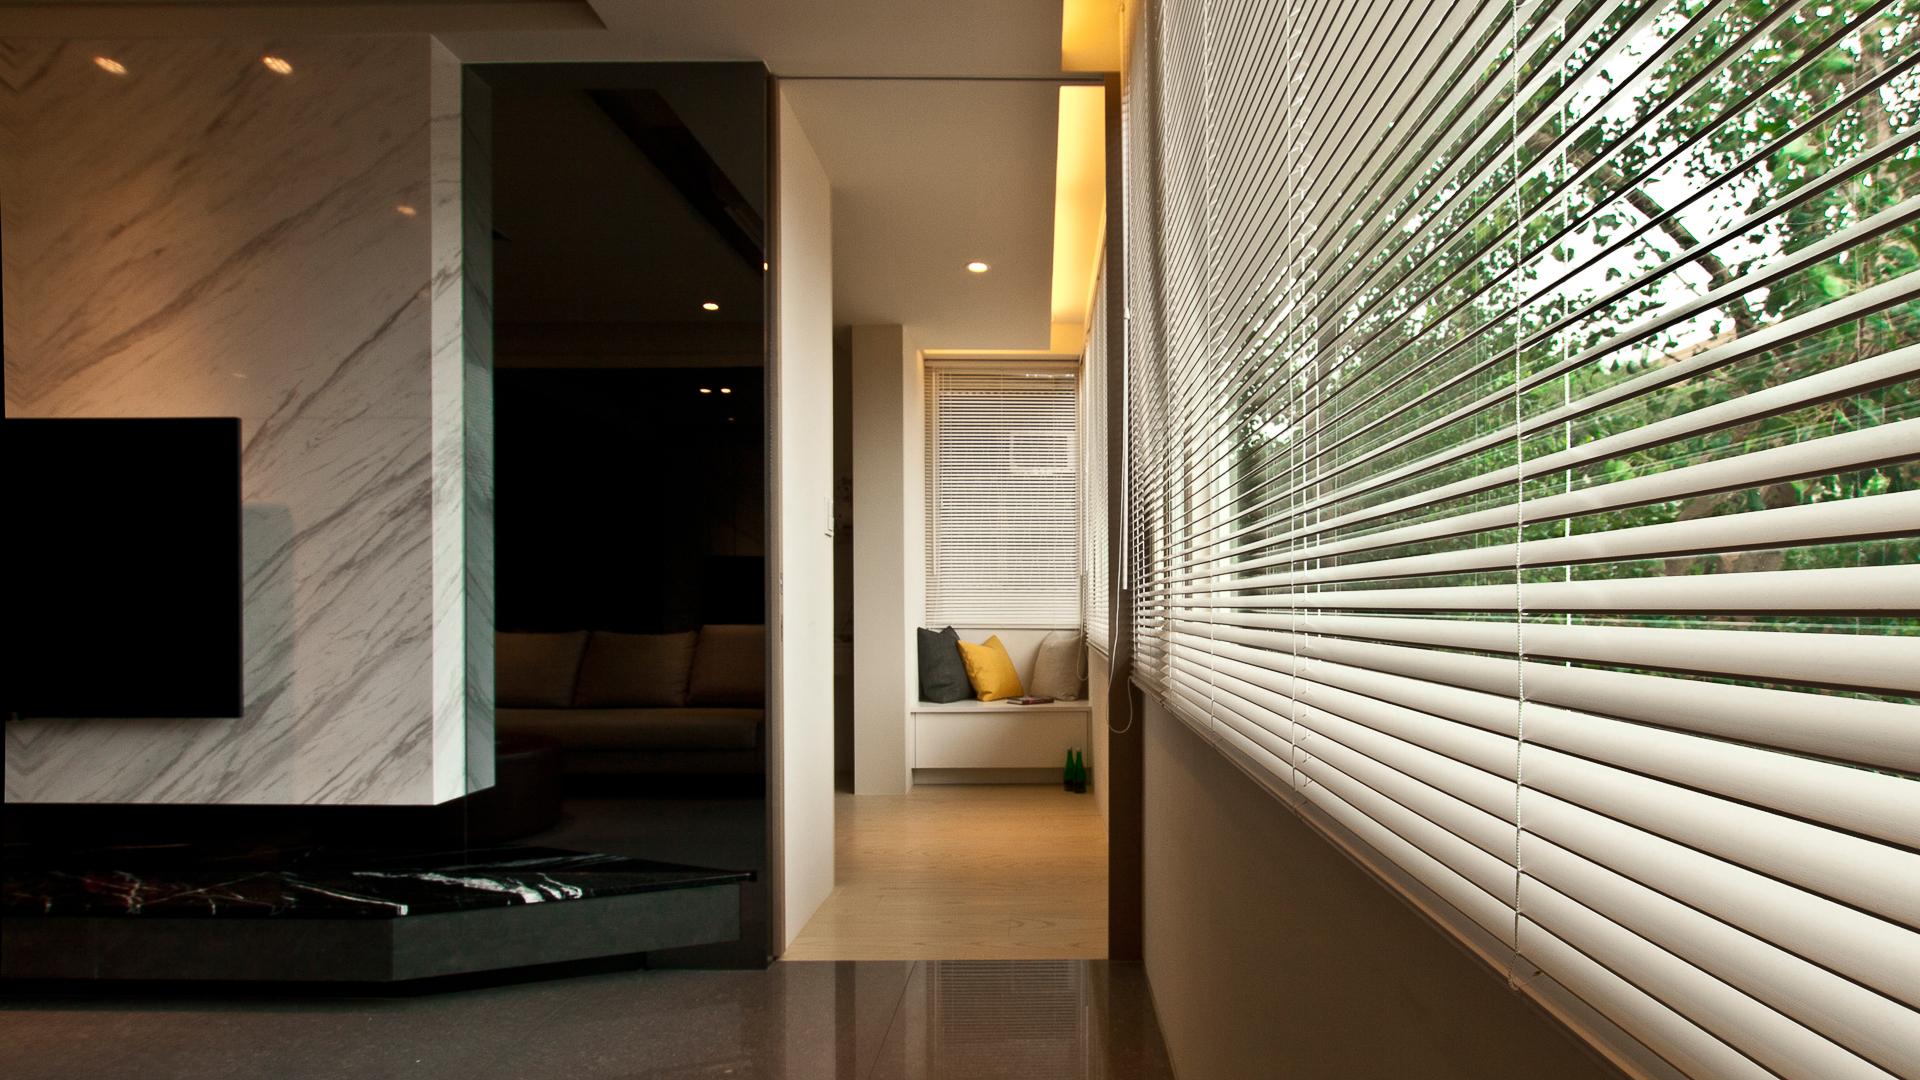 0002_室內設計師推薦風格自然人文風Jia style-3